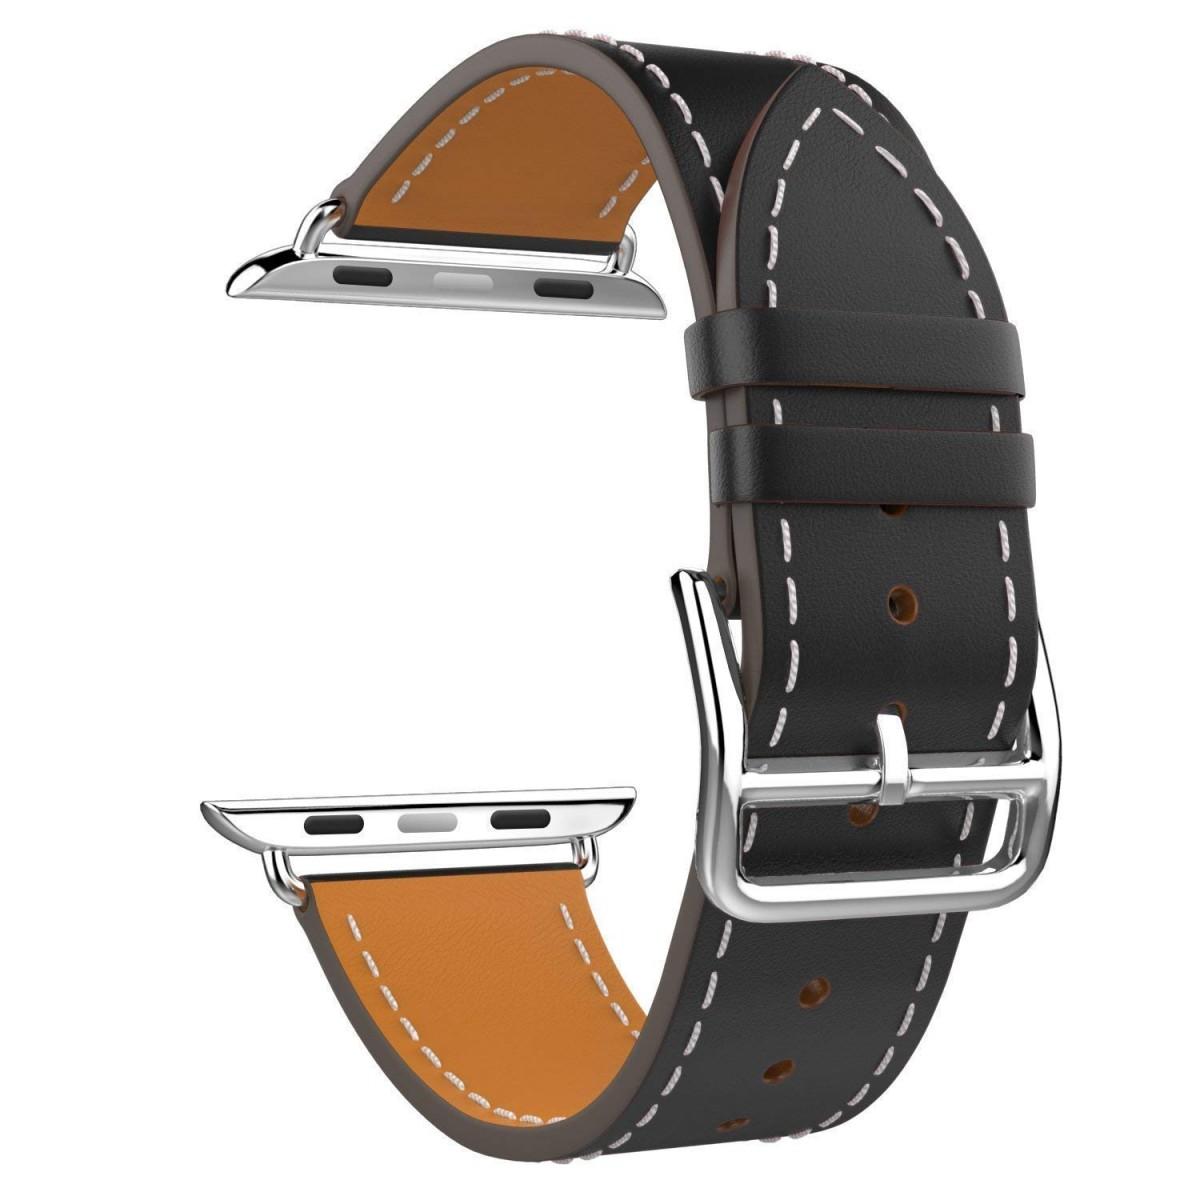 Řemínek Single Tour pro Apple Watch Series 3/2/1 (38mm) - Černý